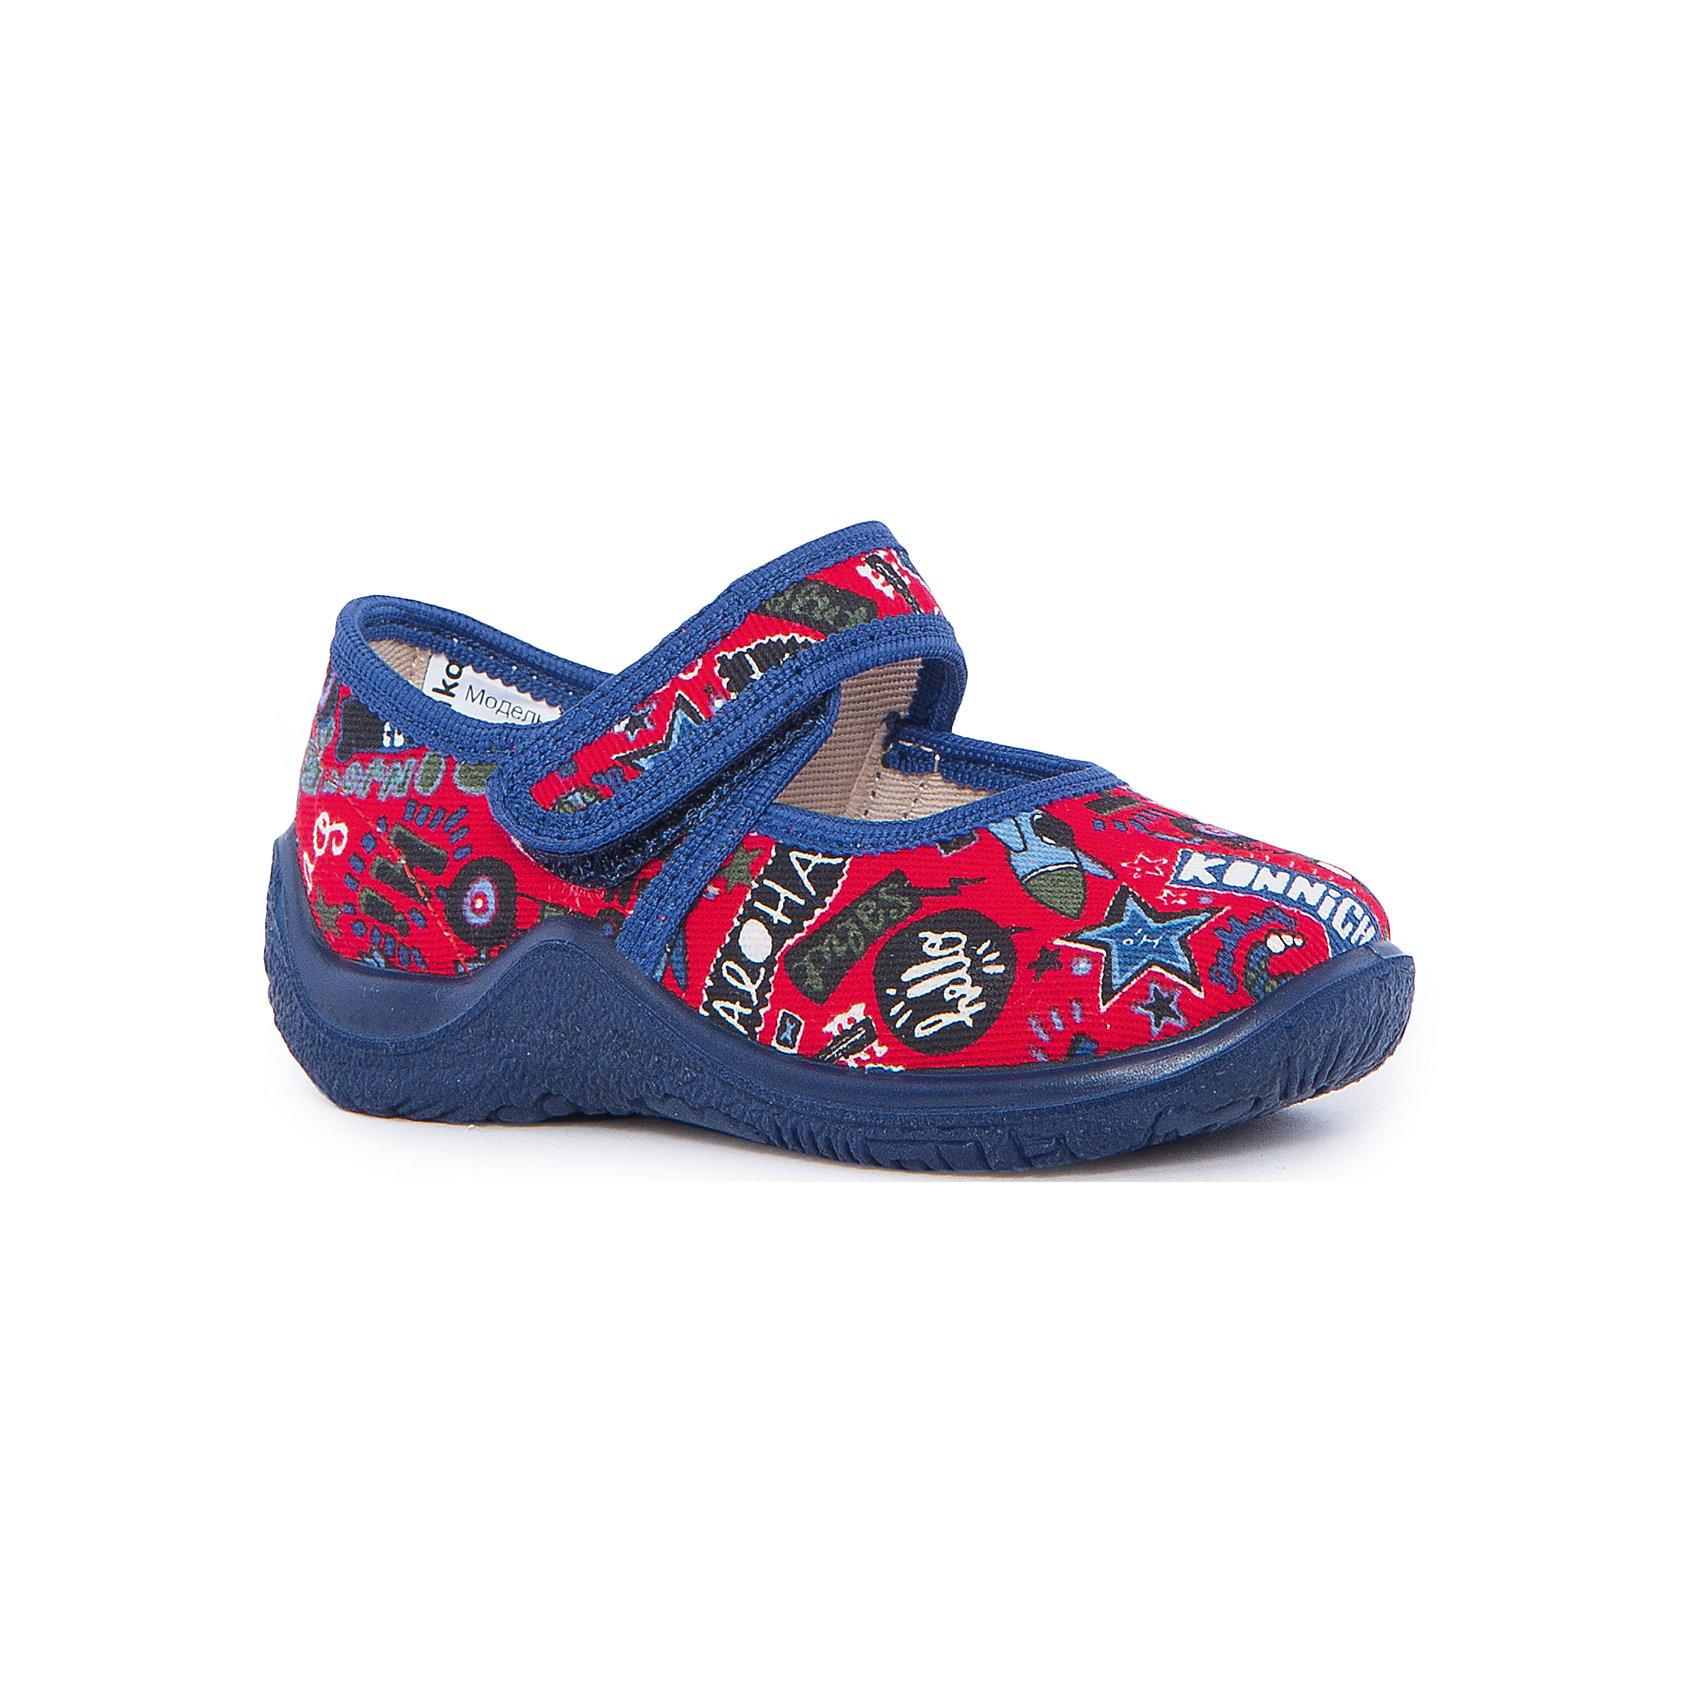 Туфли для мальчика KAPIKAТуфли для мальчика KAPIKA станут отличным вариантом для самых маленьких. В такой обуви будет особенно удобно и приятно делать первые шаги. Порадуйте себя и своего ребенка  таким замечательным подарком. <br><br>Характеристика:<br>-Цвет: красный/синий<br>-Материал: Верх - текстиль, стелька - кожа,                       подошва - полимер,                       подкладка - текстиль<br>-Застёжка: липучка<br>-Бренд: KAPIKA(КАПИКА)<br><br>Туфли для мальчика KAPIKA  вы можете приобрести в нашем интернет- магазине.<br><br>Ширина мм: 227<br>Глубина мм: 145<br>Высота мм: 124<br>Вес г: 325<br>Цвет: красный/синий<br>Возраст от месяцев: 9<br>Возраст до месяцев: 12<br>Пол: Мужской<br>Возраст: Детский<br>Размер: 20,25,24,23,22,21<br>SKU: 4987726